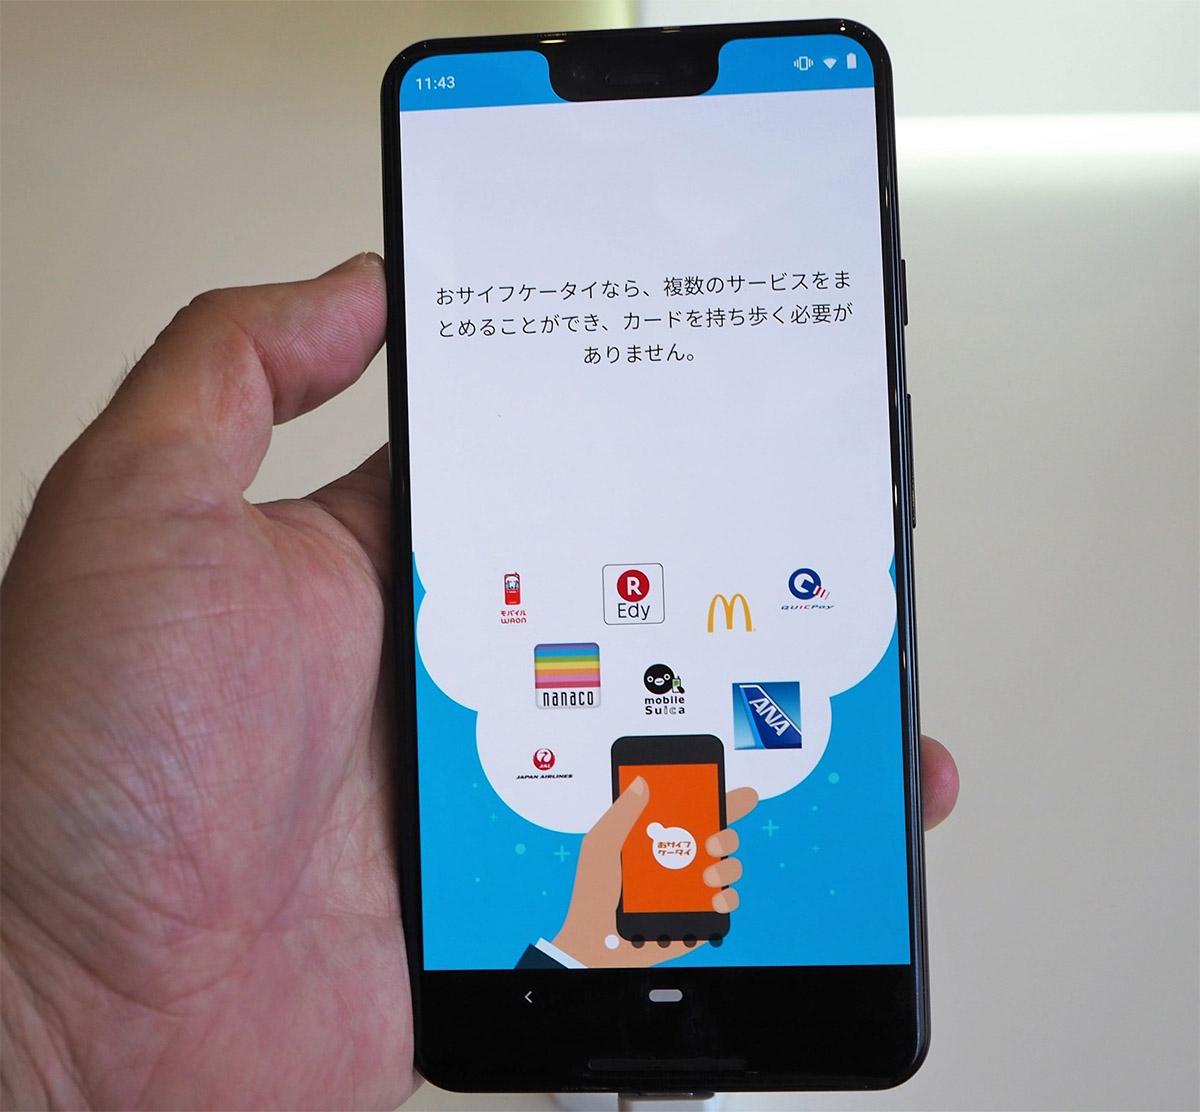 グーグルが2018年10月10日に日本での発売を発表した「Pixel 3 XL」。同時に発表したPixel 3とともに、日本版にはFeliCaを搭載し、おサイフケータイやGoogles Payが利用できる。写真は同日のグーグル新製品発表会より(筆者撮影)